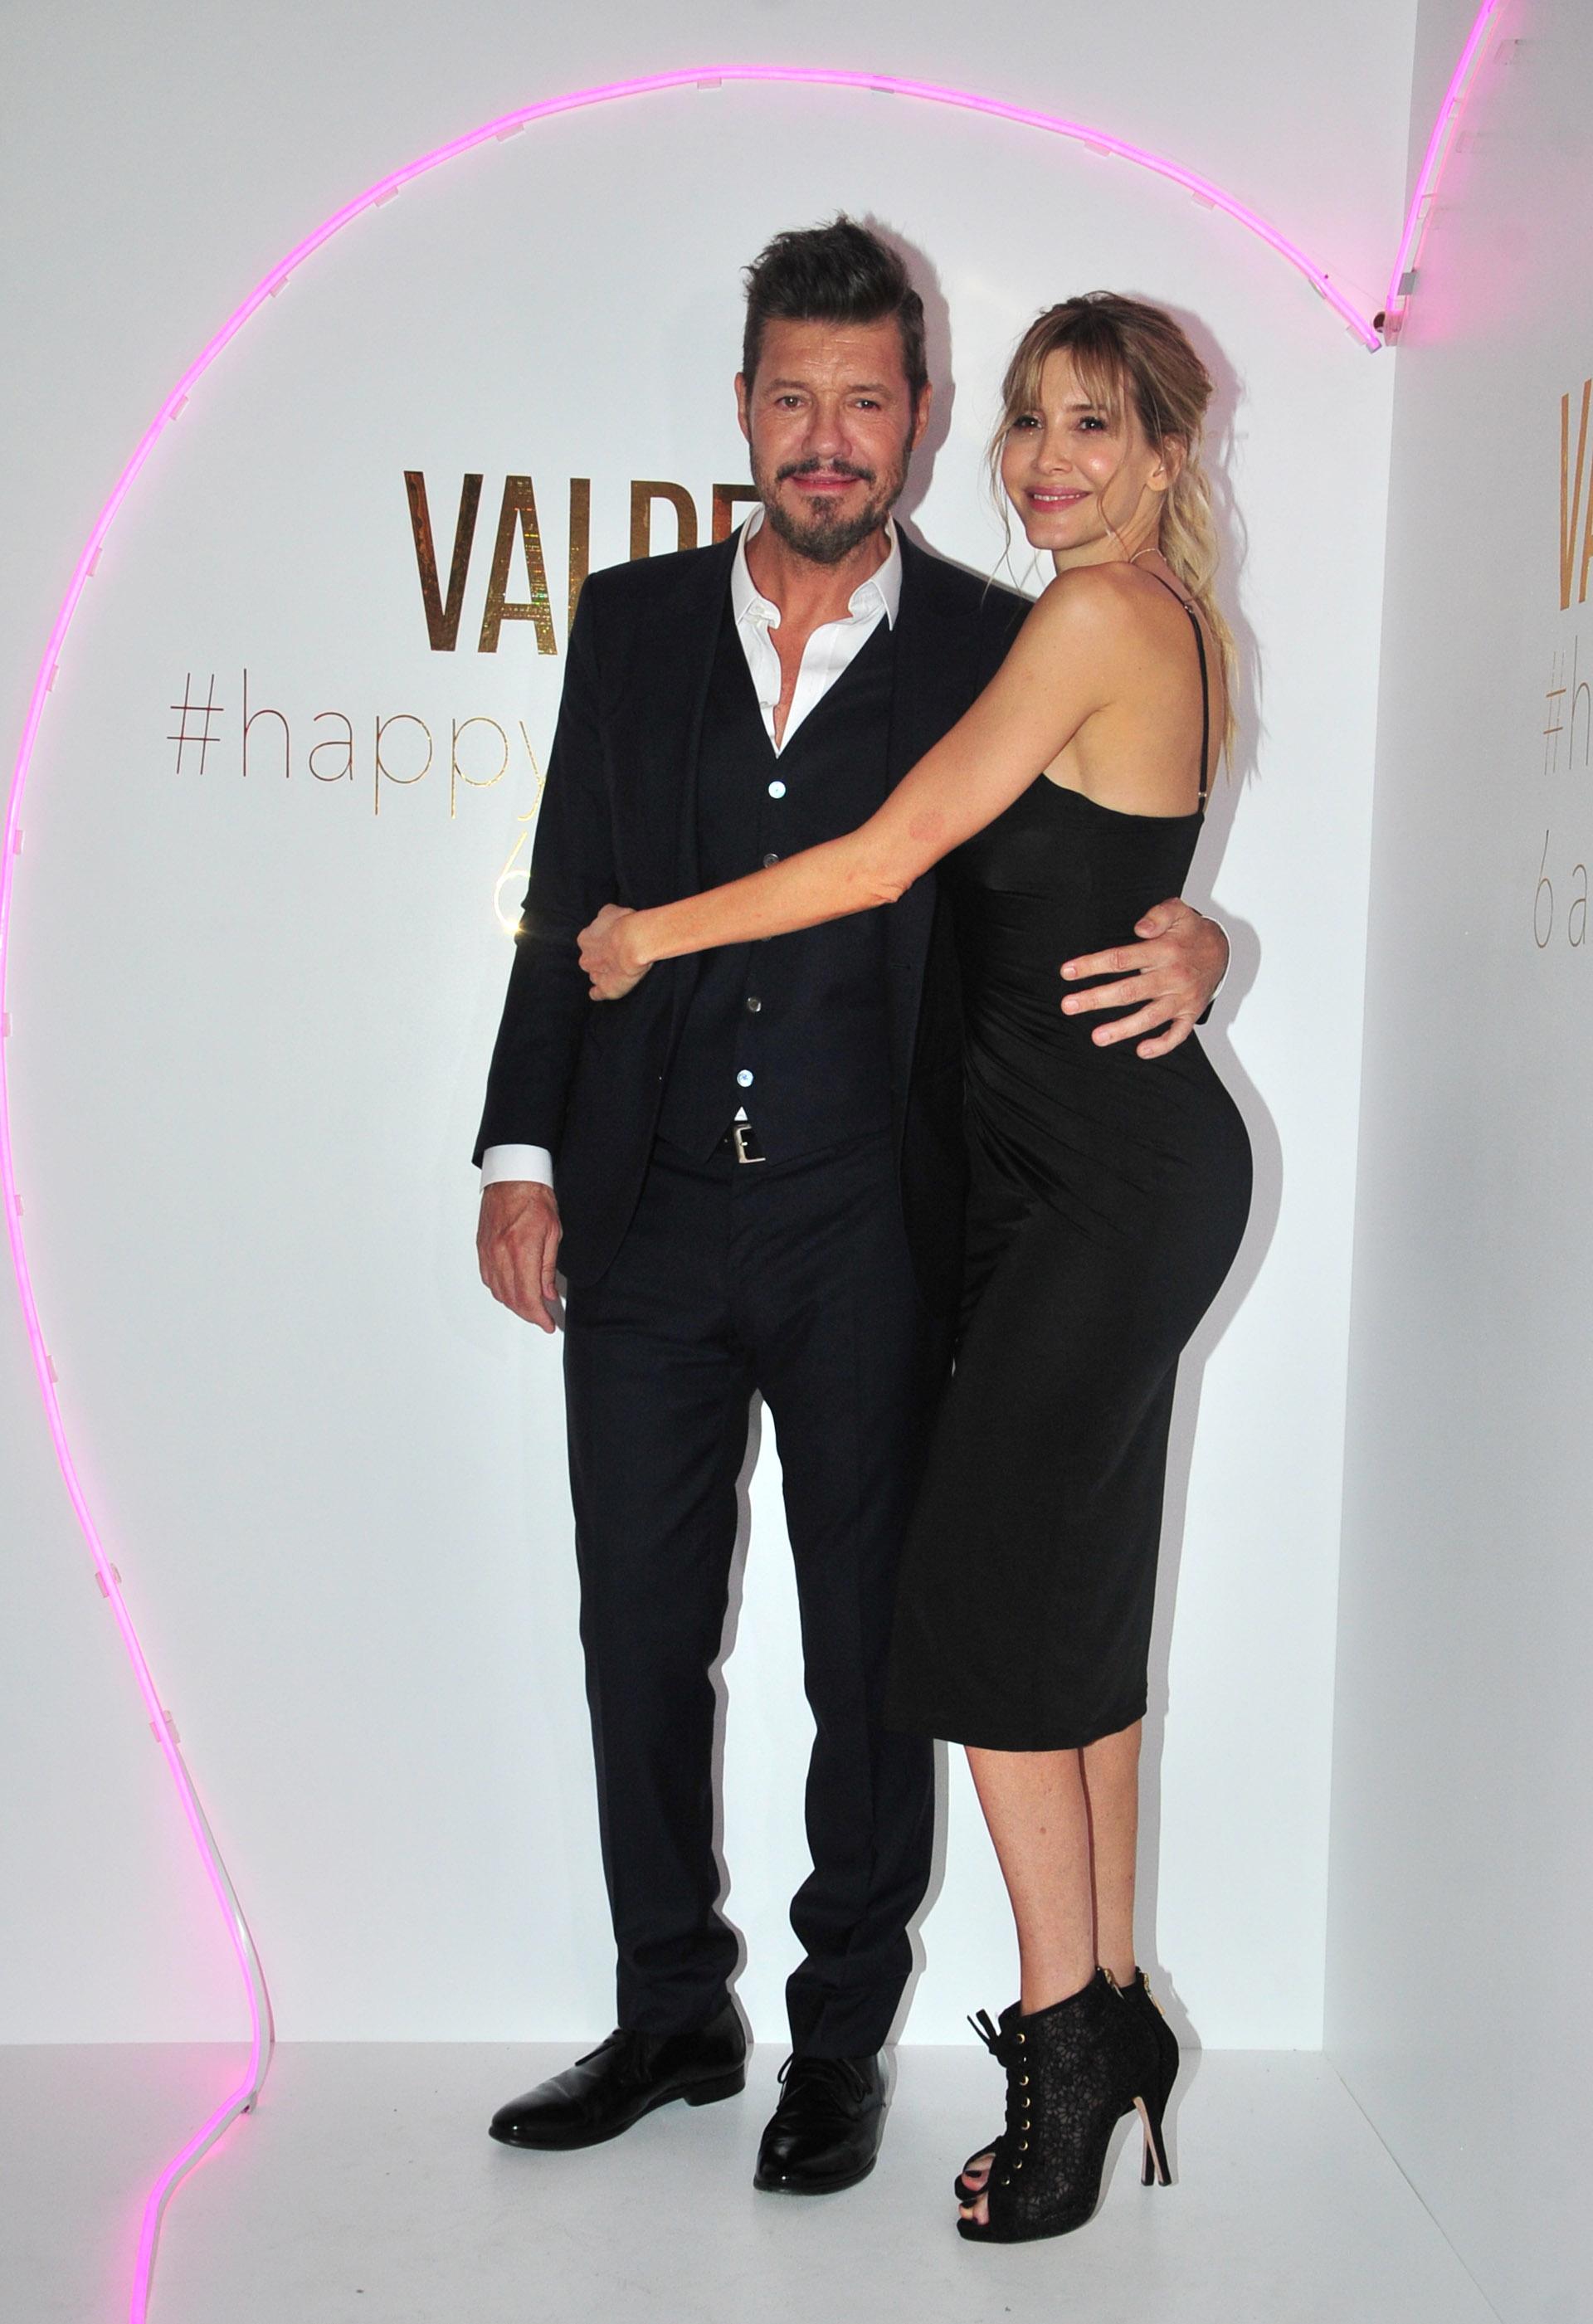 Guillermina Valdes y Marcelo Tinelli, abrazados en la celebración del sexto aniversario de la marca de zapatos Valdez (Teleshow)